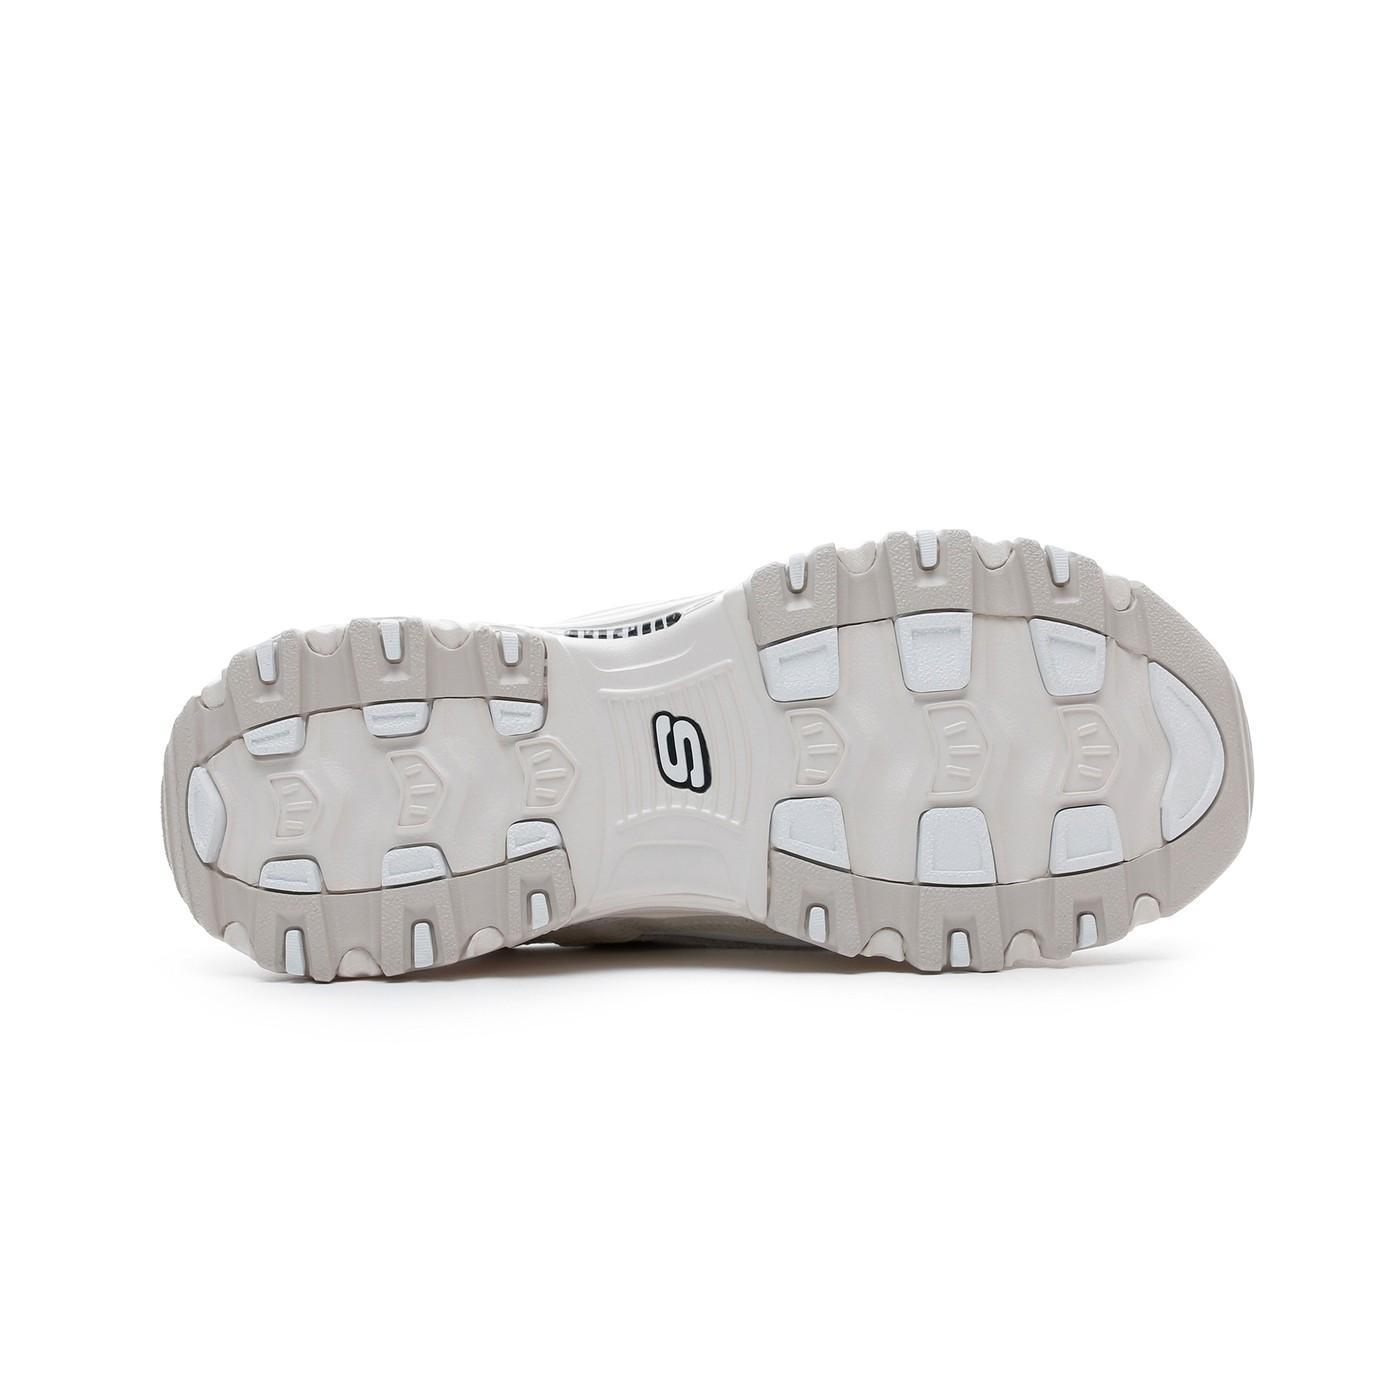 Skechers D'Lites Beyaz Kadın Spor Ayakkabı